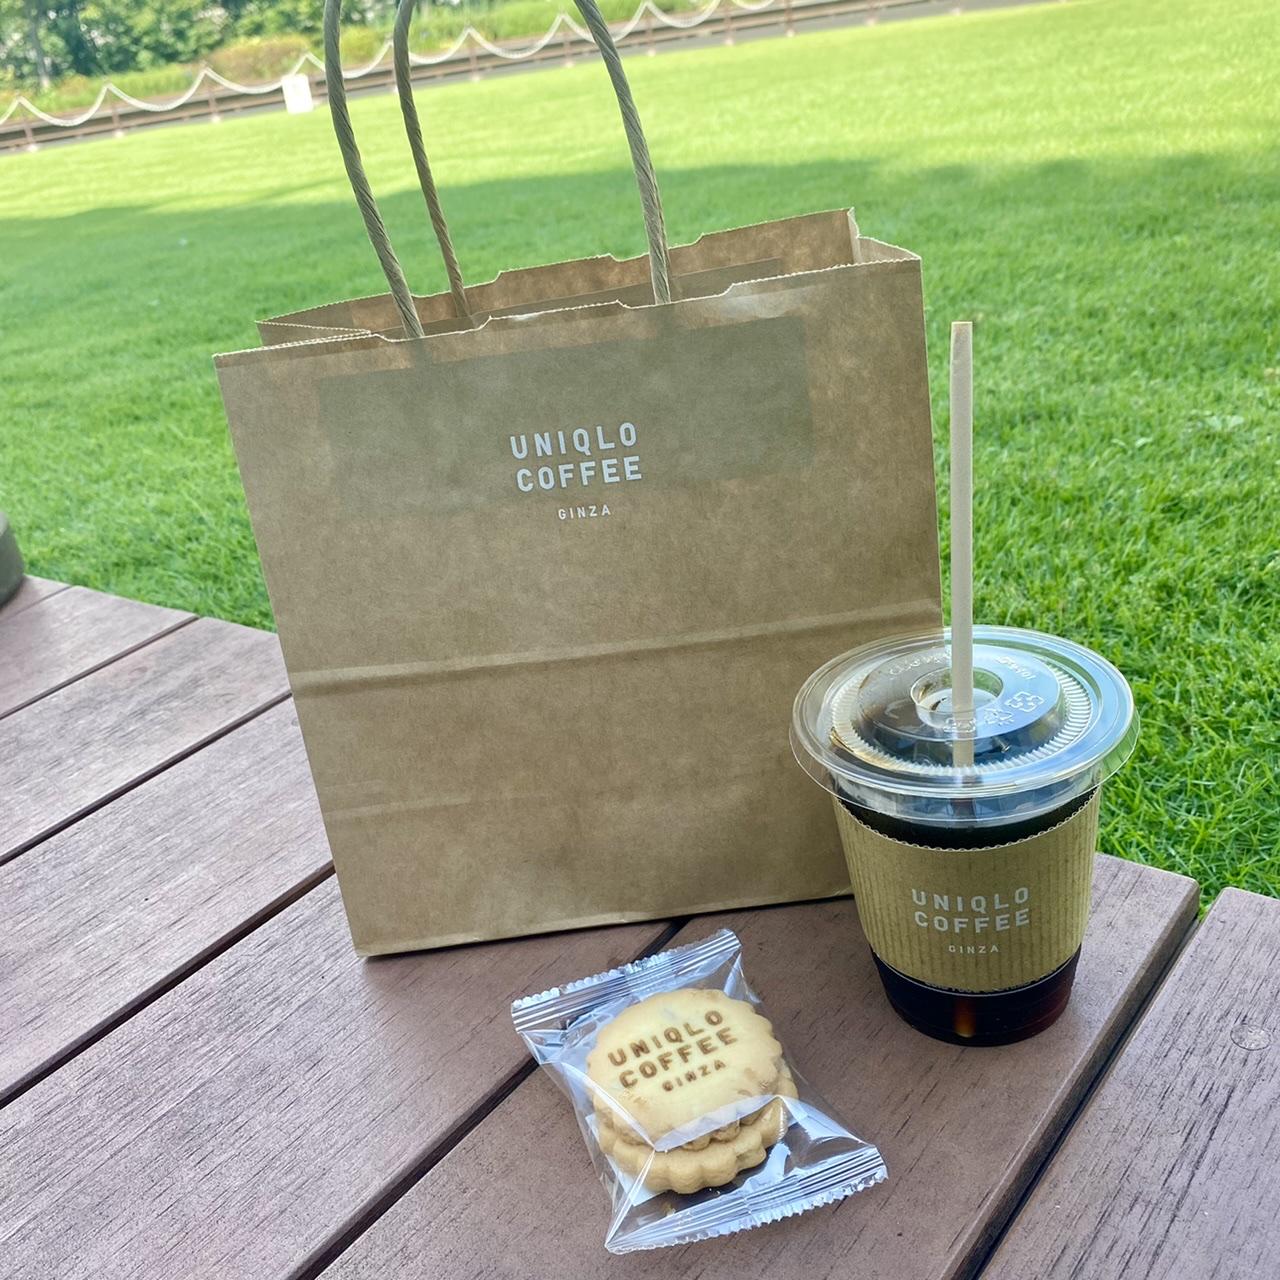 【UNIQLO銀座店】ユニクロにカフェ!?今話題の《ユニクロコーヒー》を飲んでみた♡_6